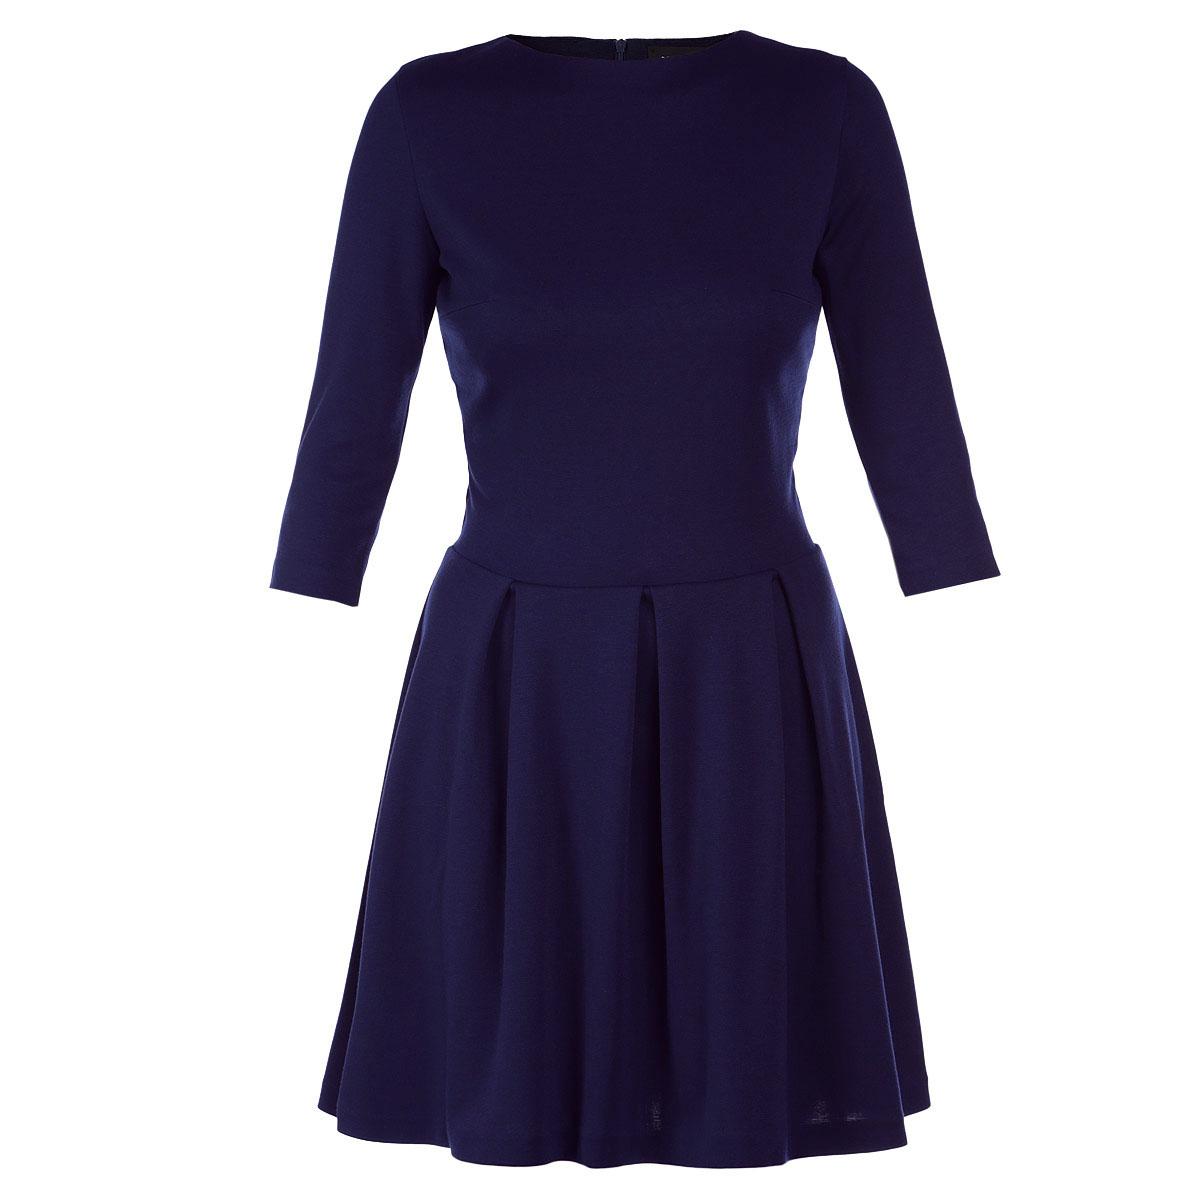 Платье. 5085-15085-1Стильное платье Mondigo выполнено из высококачественных материалов - микрофибры и вискозы с добавлением спандекса в строгом классическом стиле. Модель с круглым вырезом горловины, отрезной талией и рукавами длиной 3/4. Расклешенная юбка модели ложится объемными складками. Платье застегивается на потайную молнию, расположенную на спинке. Длина изделия чуть выше колена. Модное платье лаконичного дизайна органично впишется в повседневный гардероб.